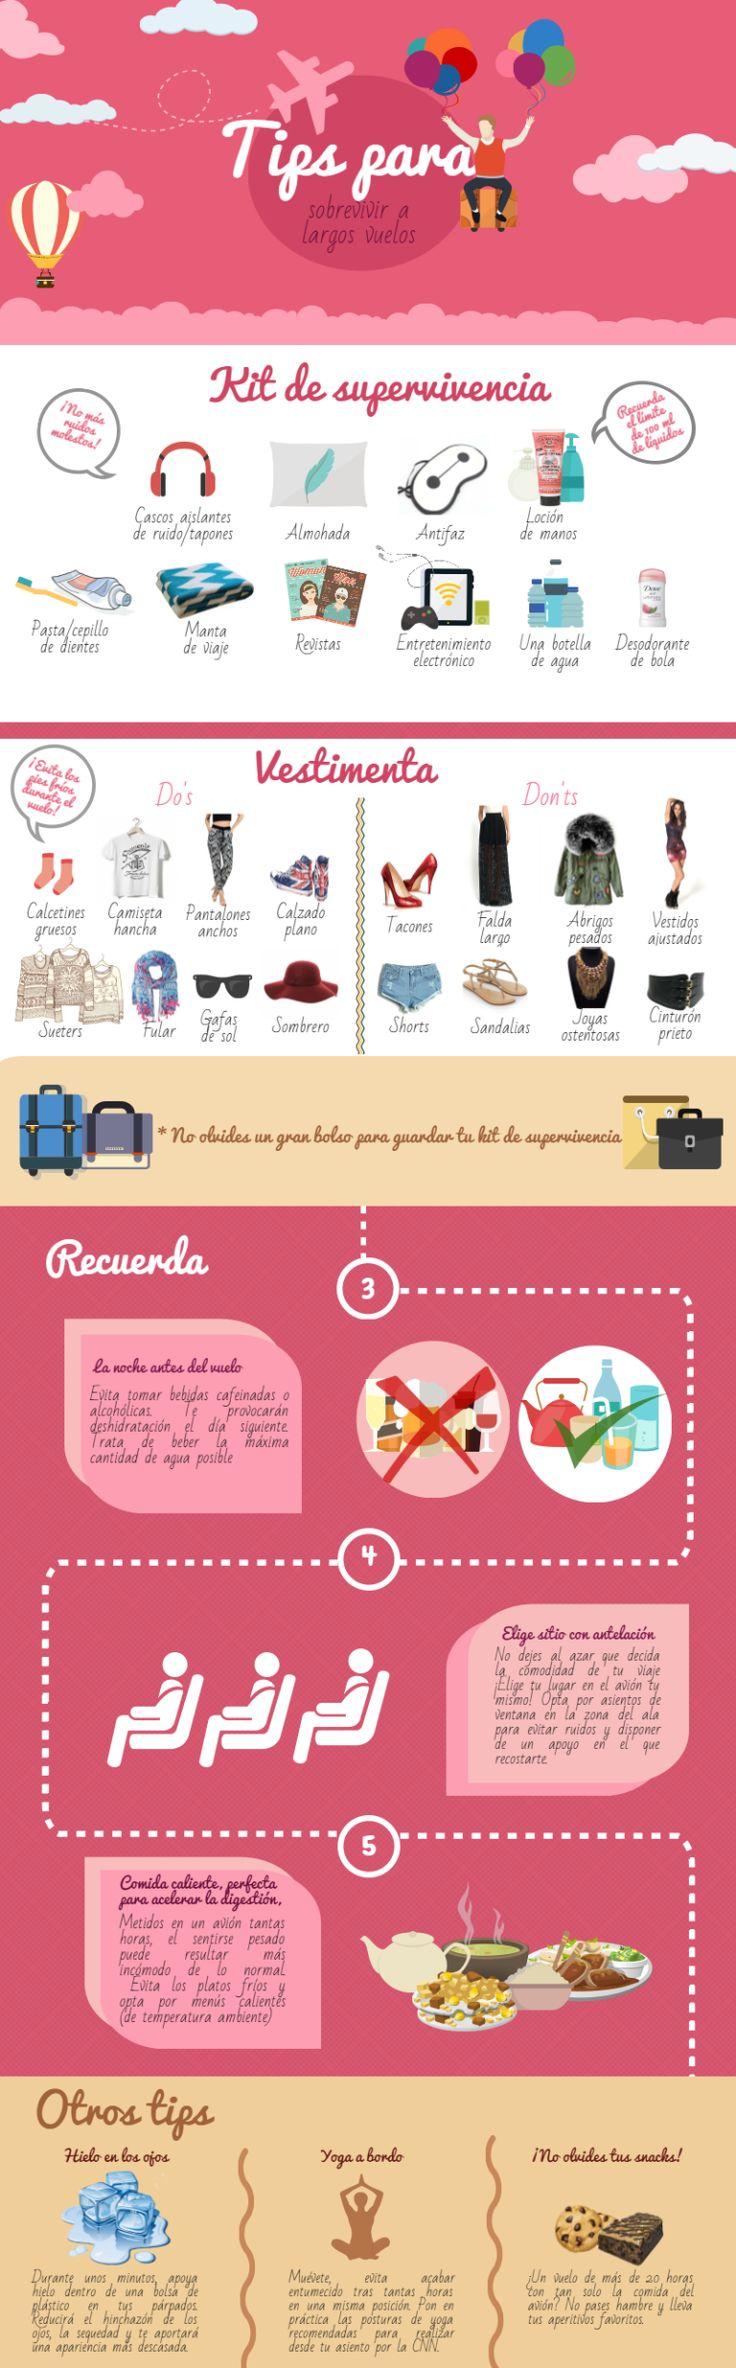 Tips para sobrevivir a vuelos de largo recorrido.